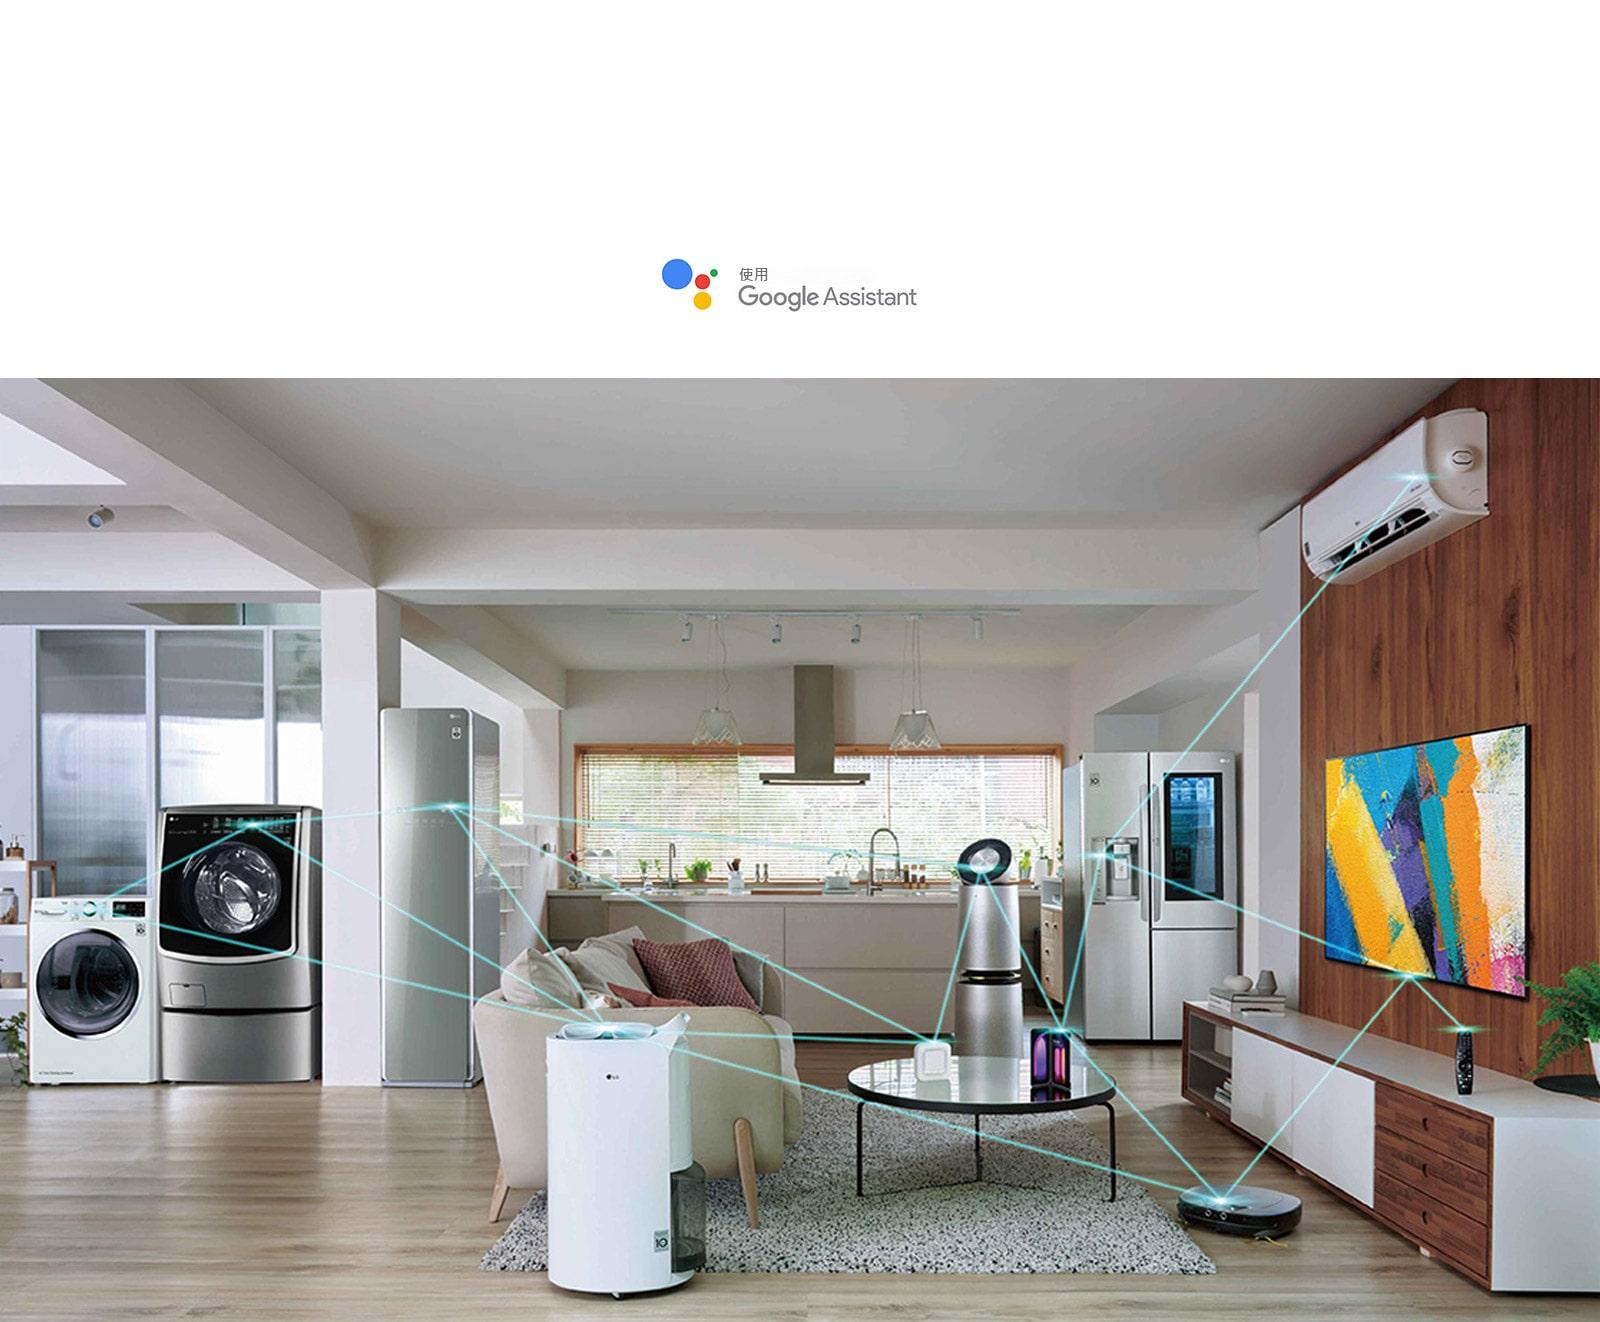 圖片背景為模糊的兩台內崁式滾筒洗衣機, LG ThinQ裝置放於毛巾上並放在前方桌上。